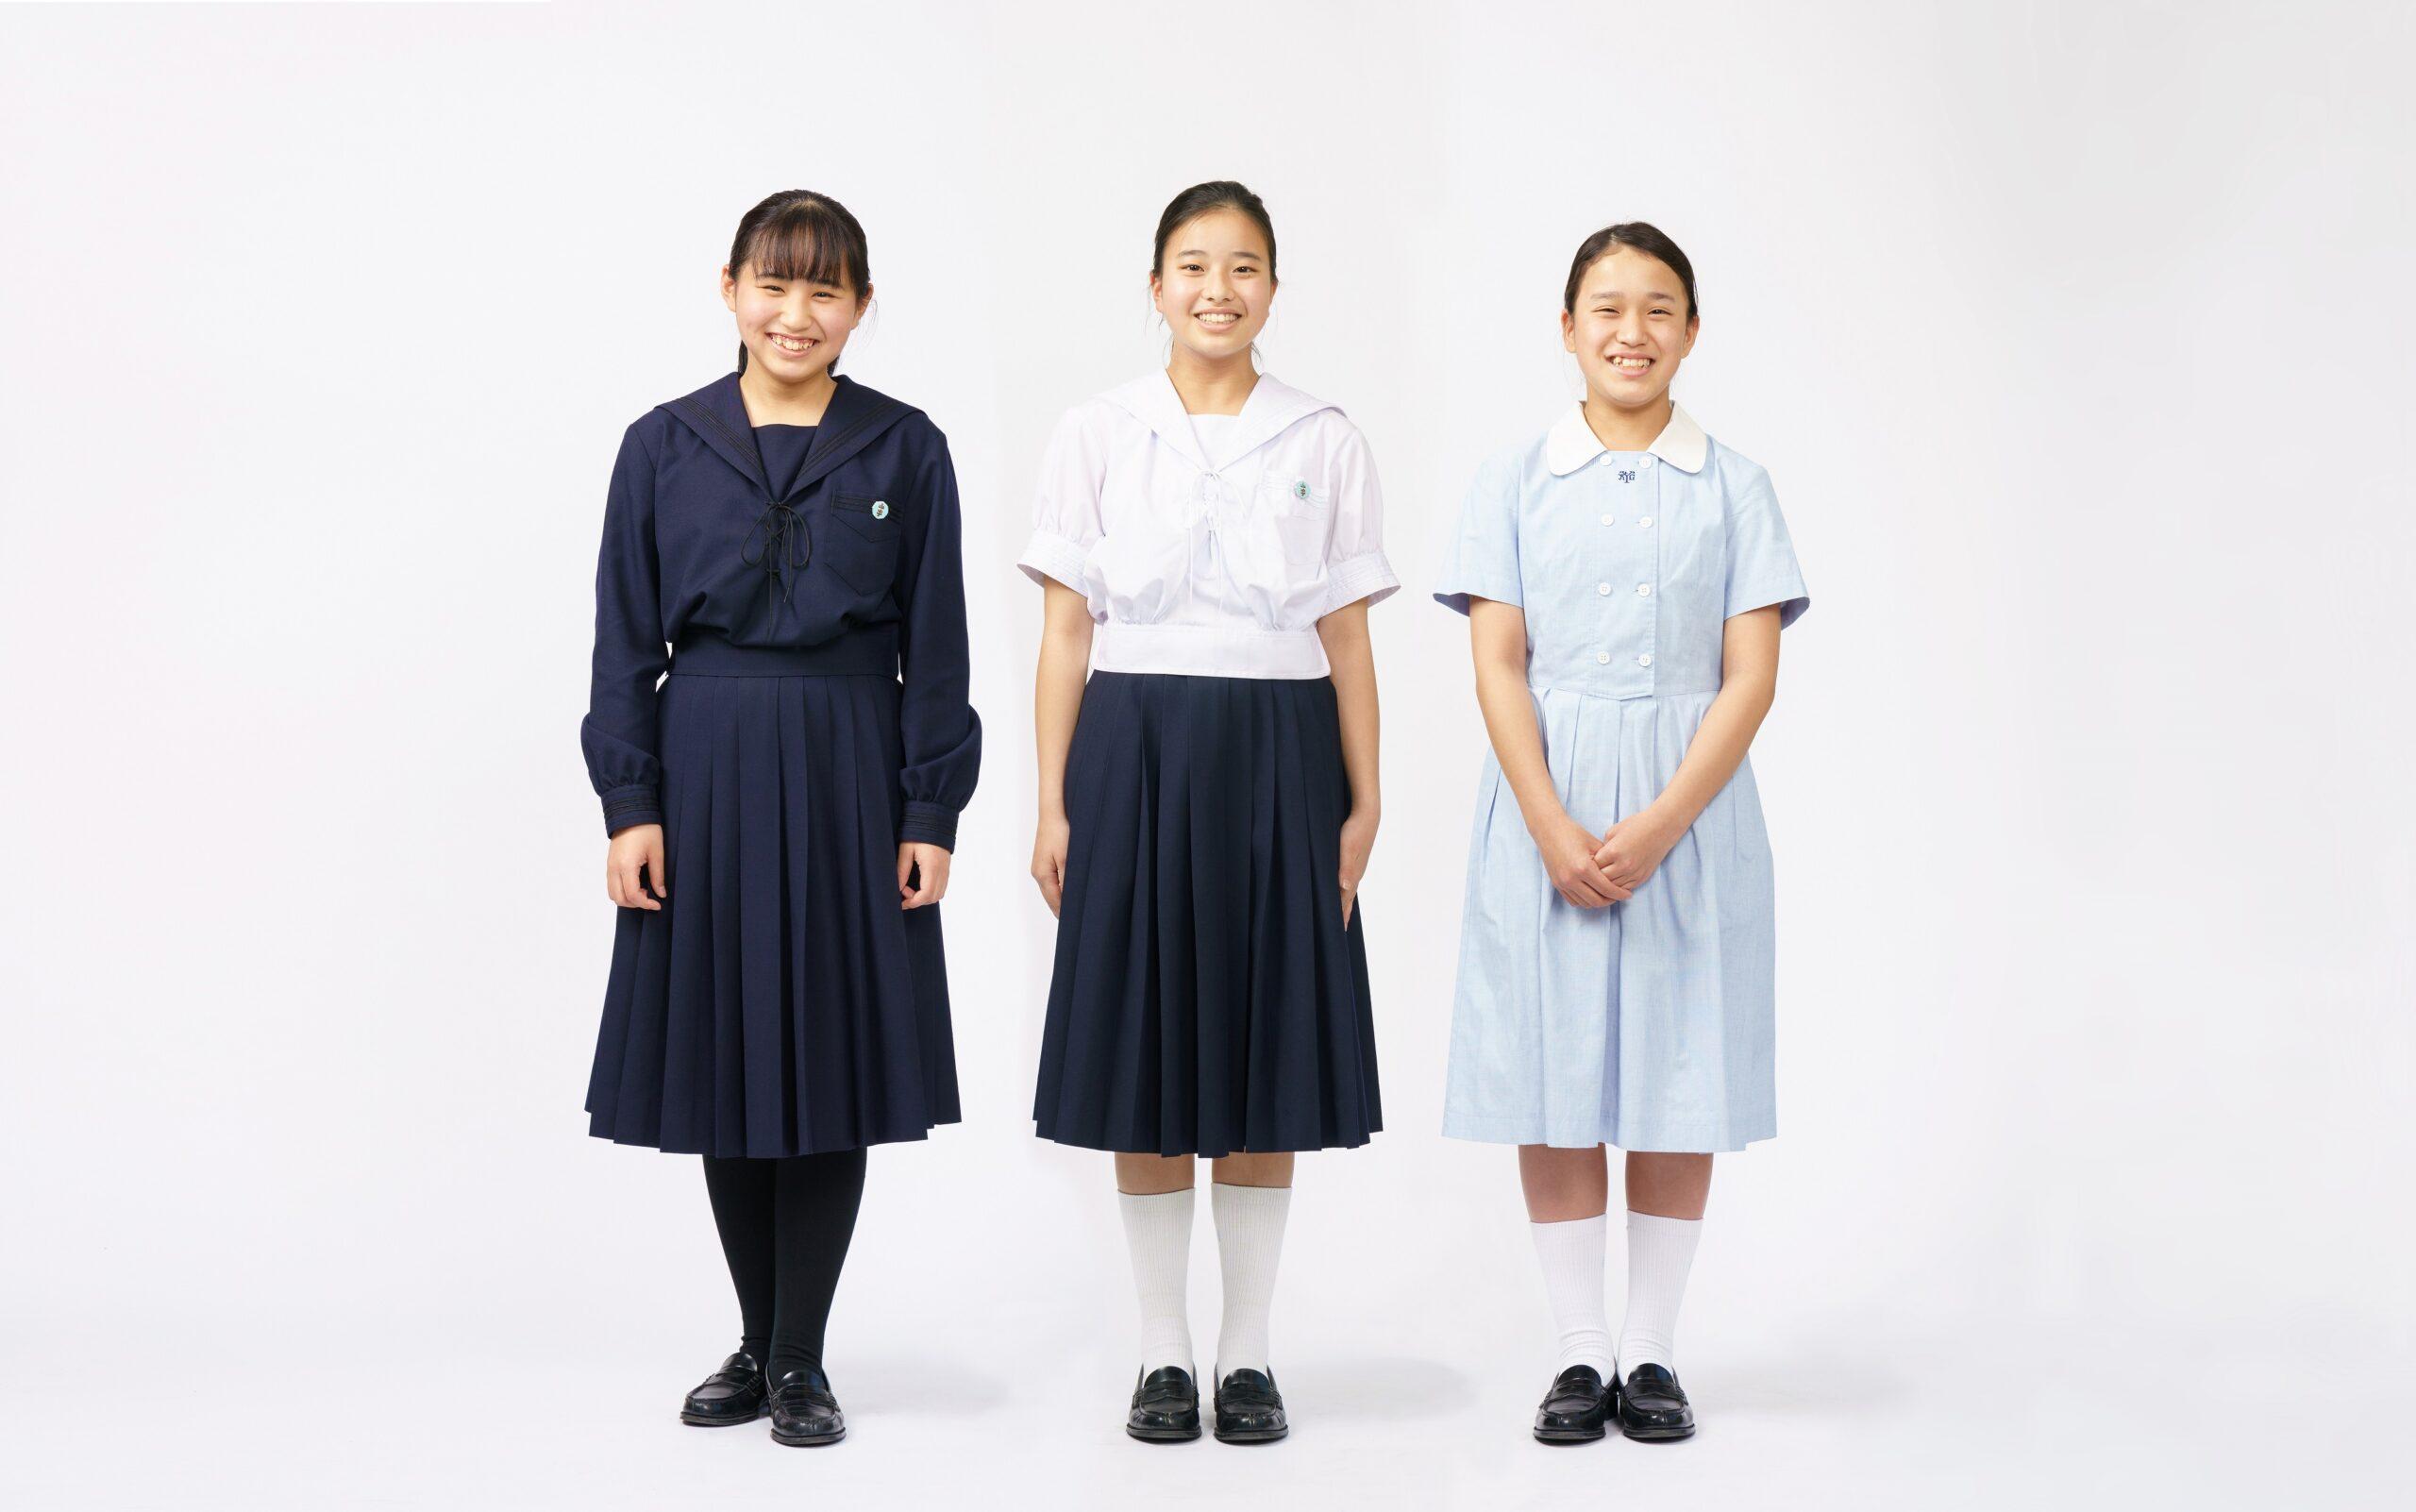 神戸山手女子中学校高等学校制服